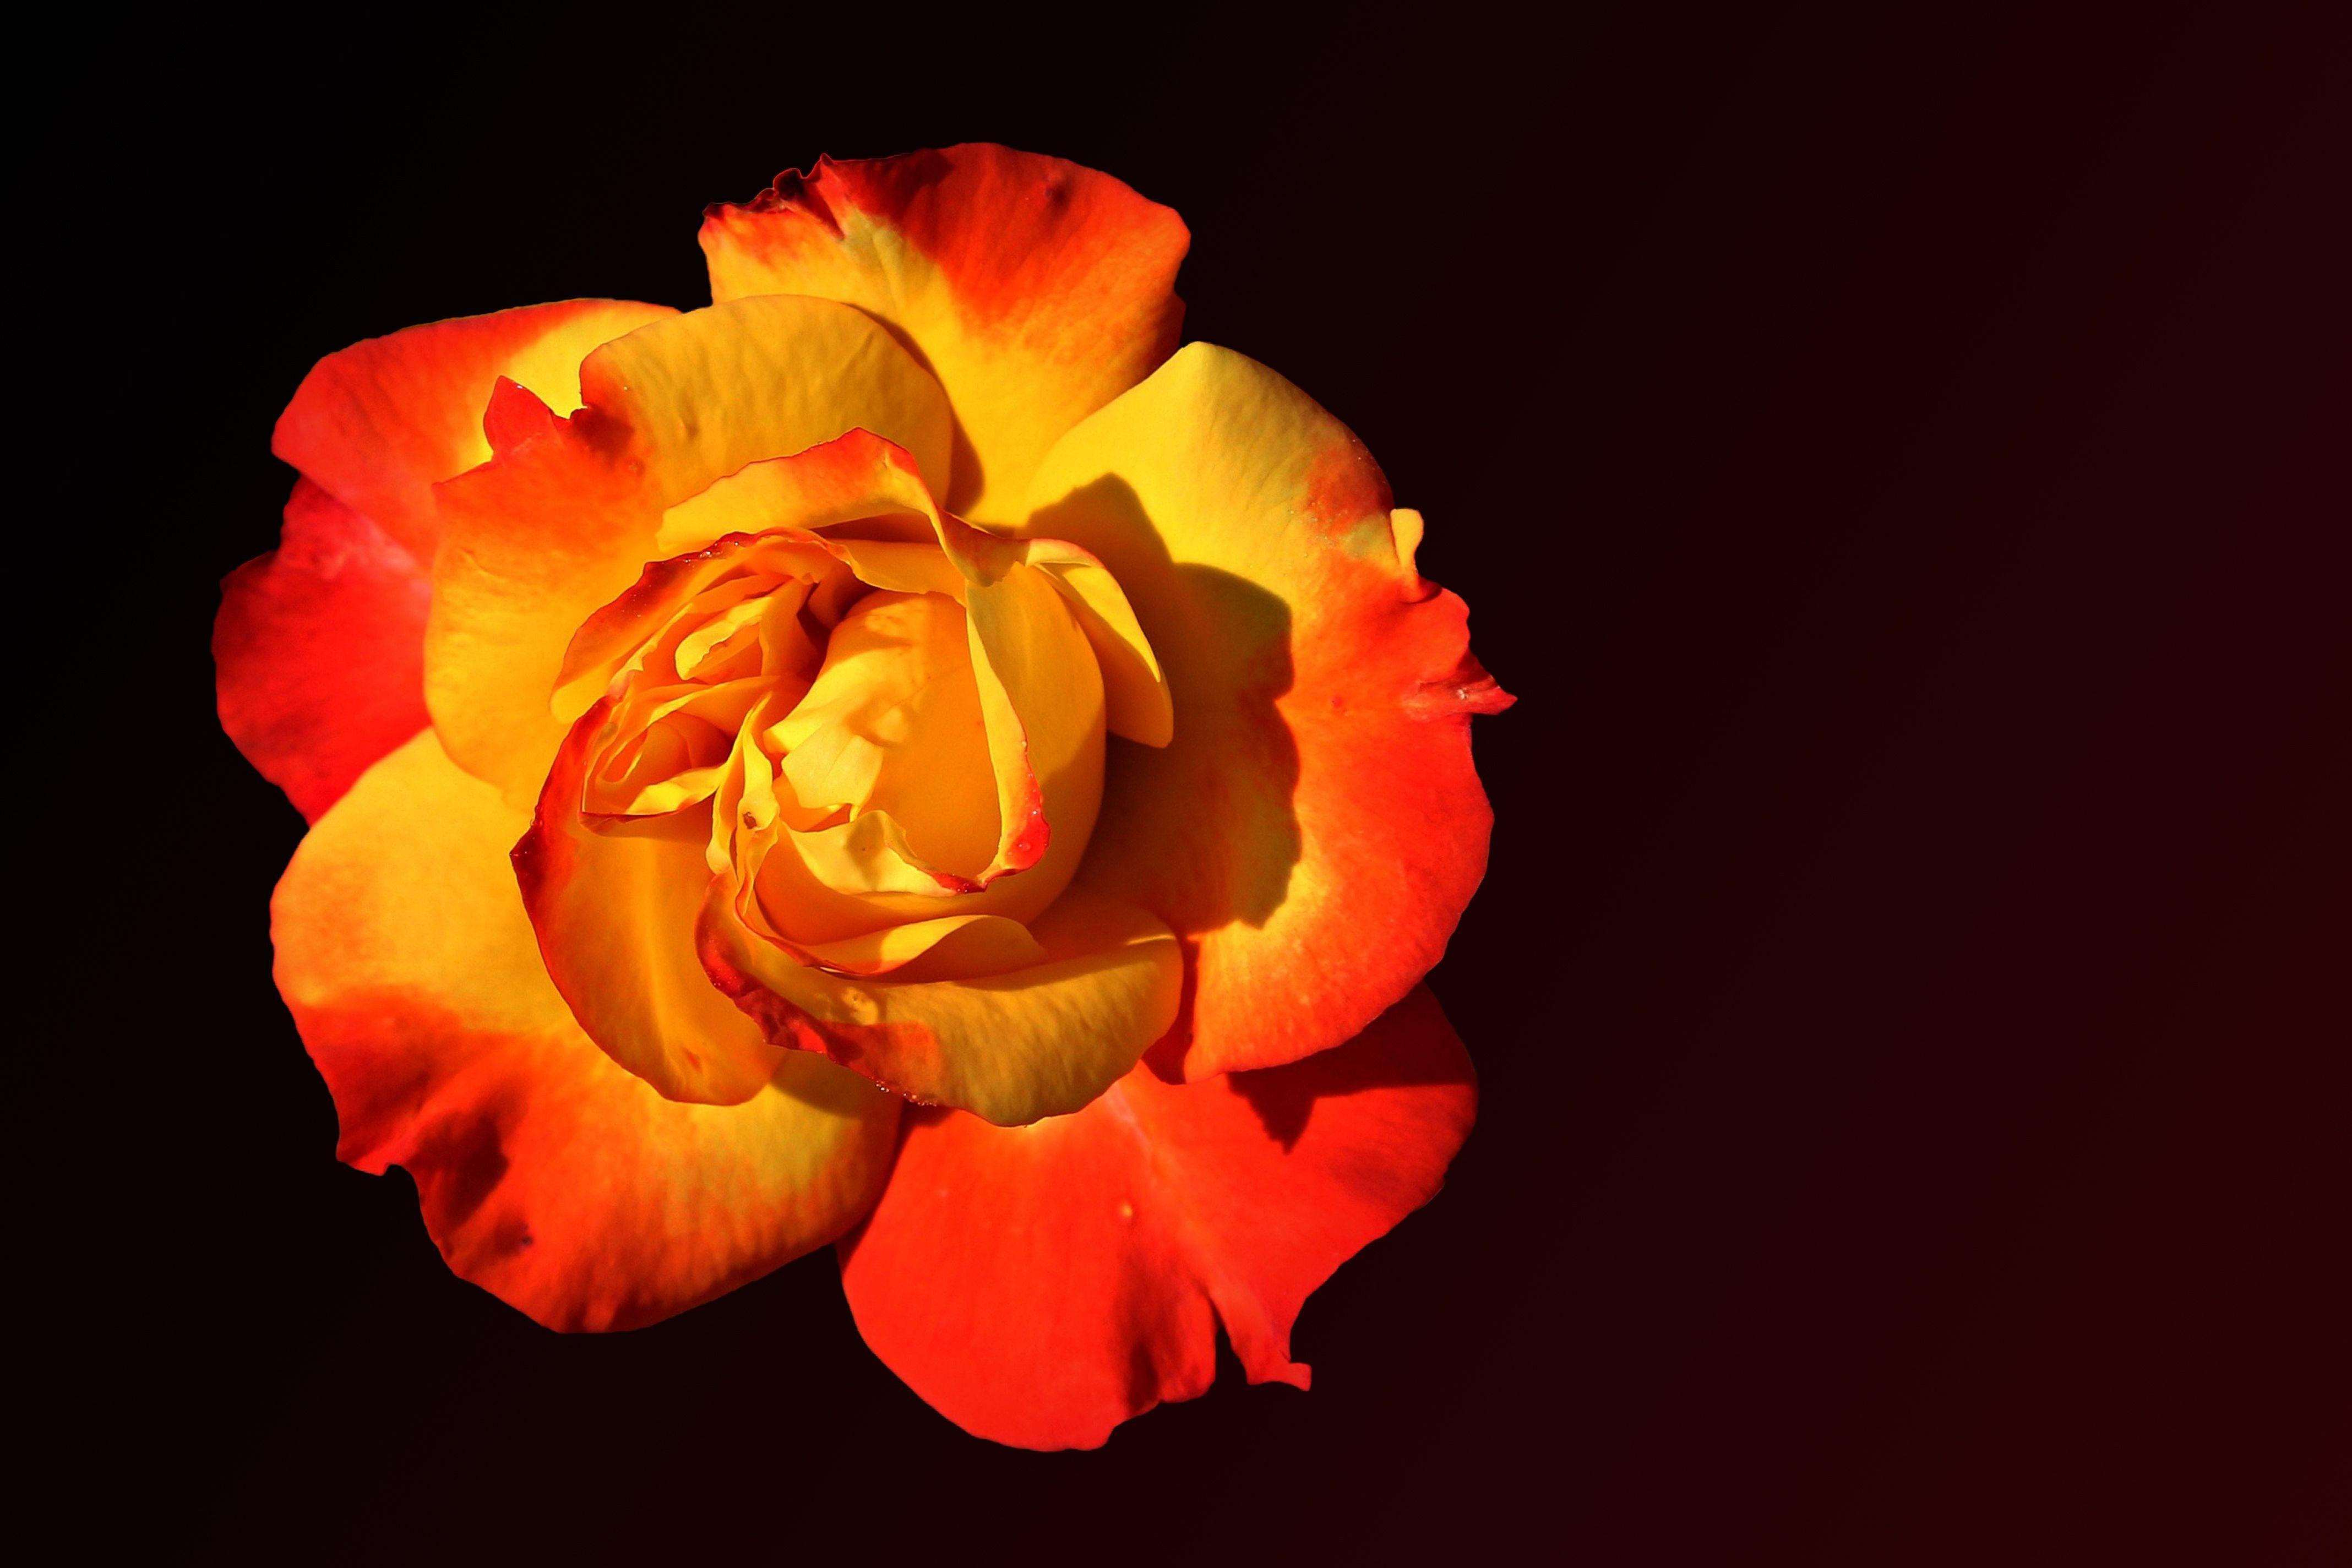 Fotos Gratis Flor Fotografía Pétalo Florecer Rosa Color Amarillo Flora De Cerca Floribunda Fotografía Macro Floreció Flores De Rosas Planta Floreciendo Rosas De Jardín Familia Rosa Amarillo Rojo Tallo De La